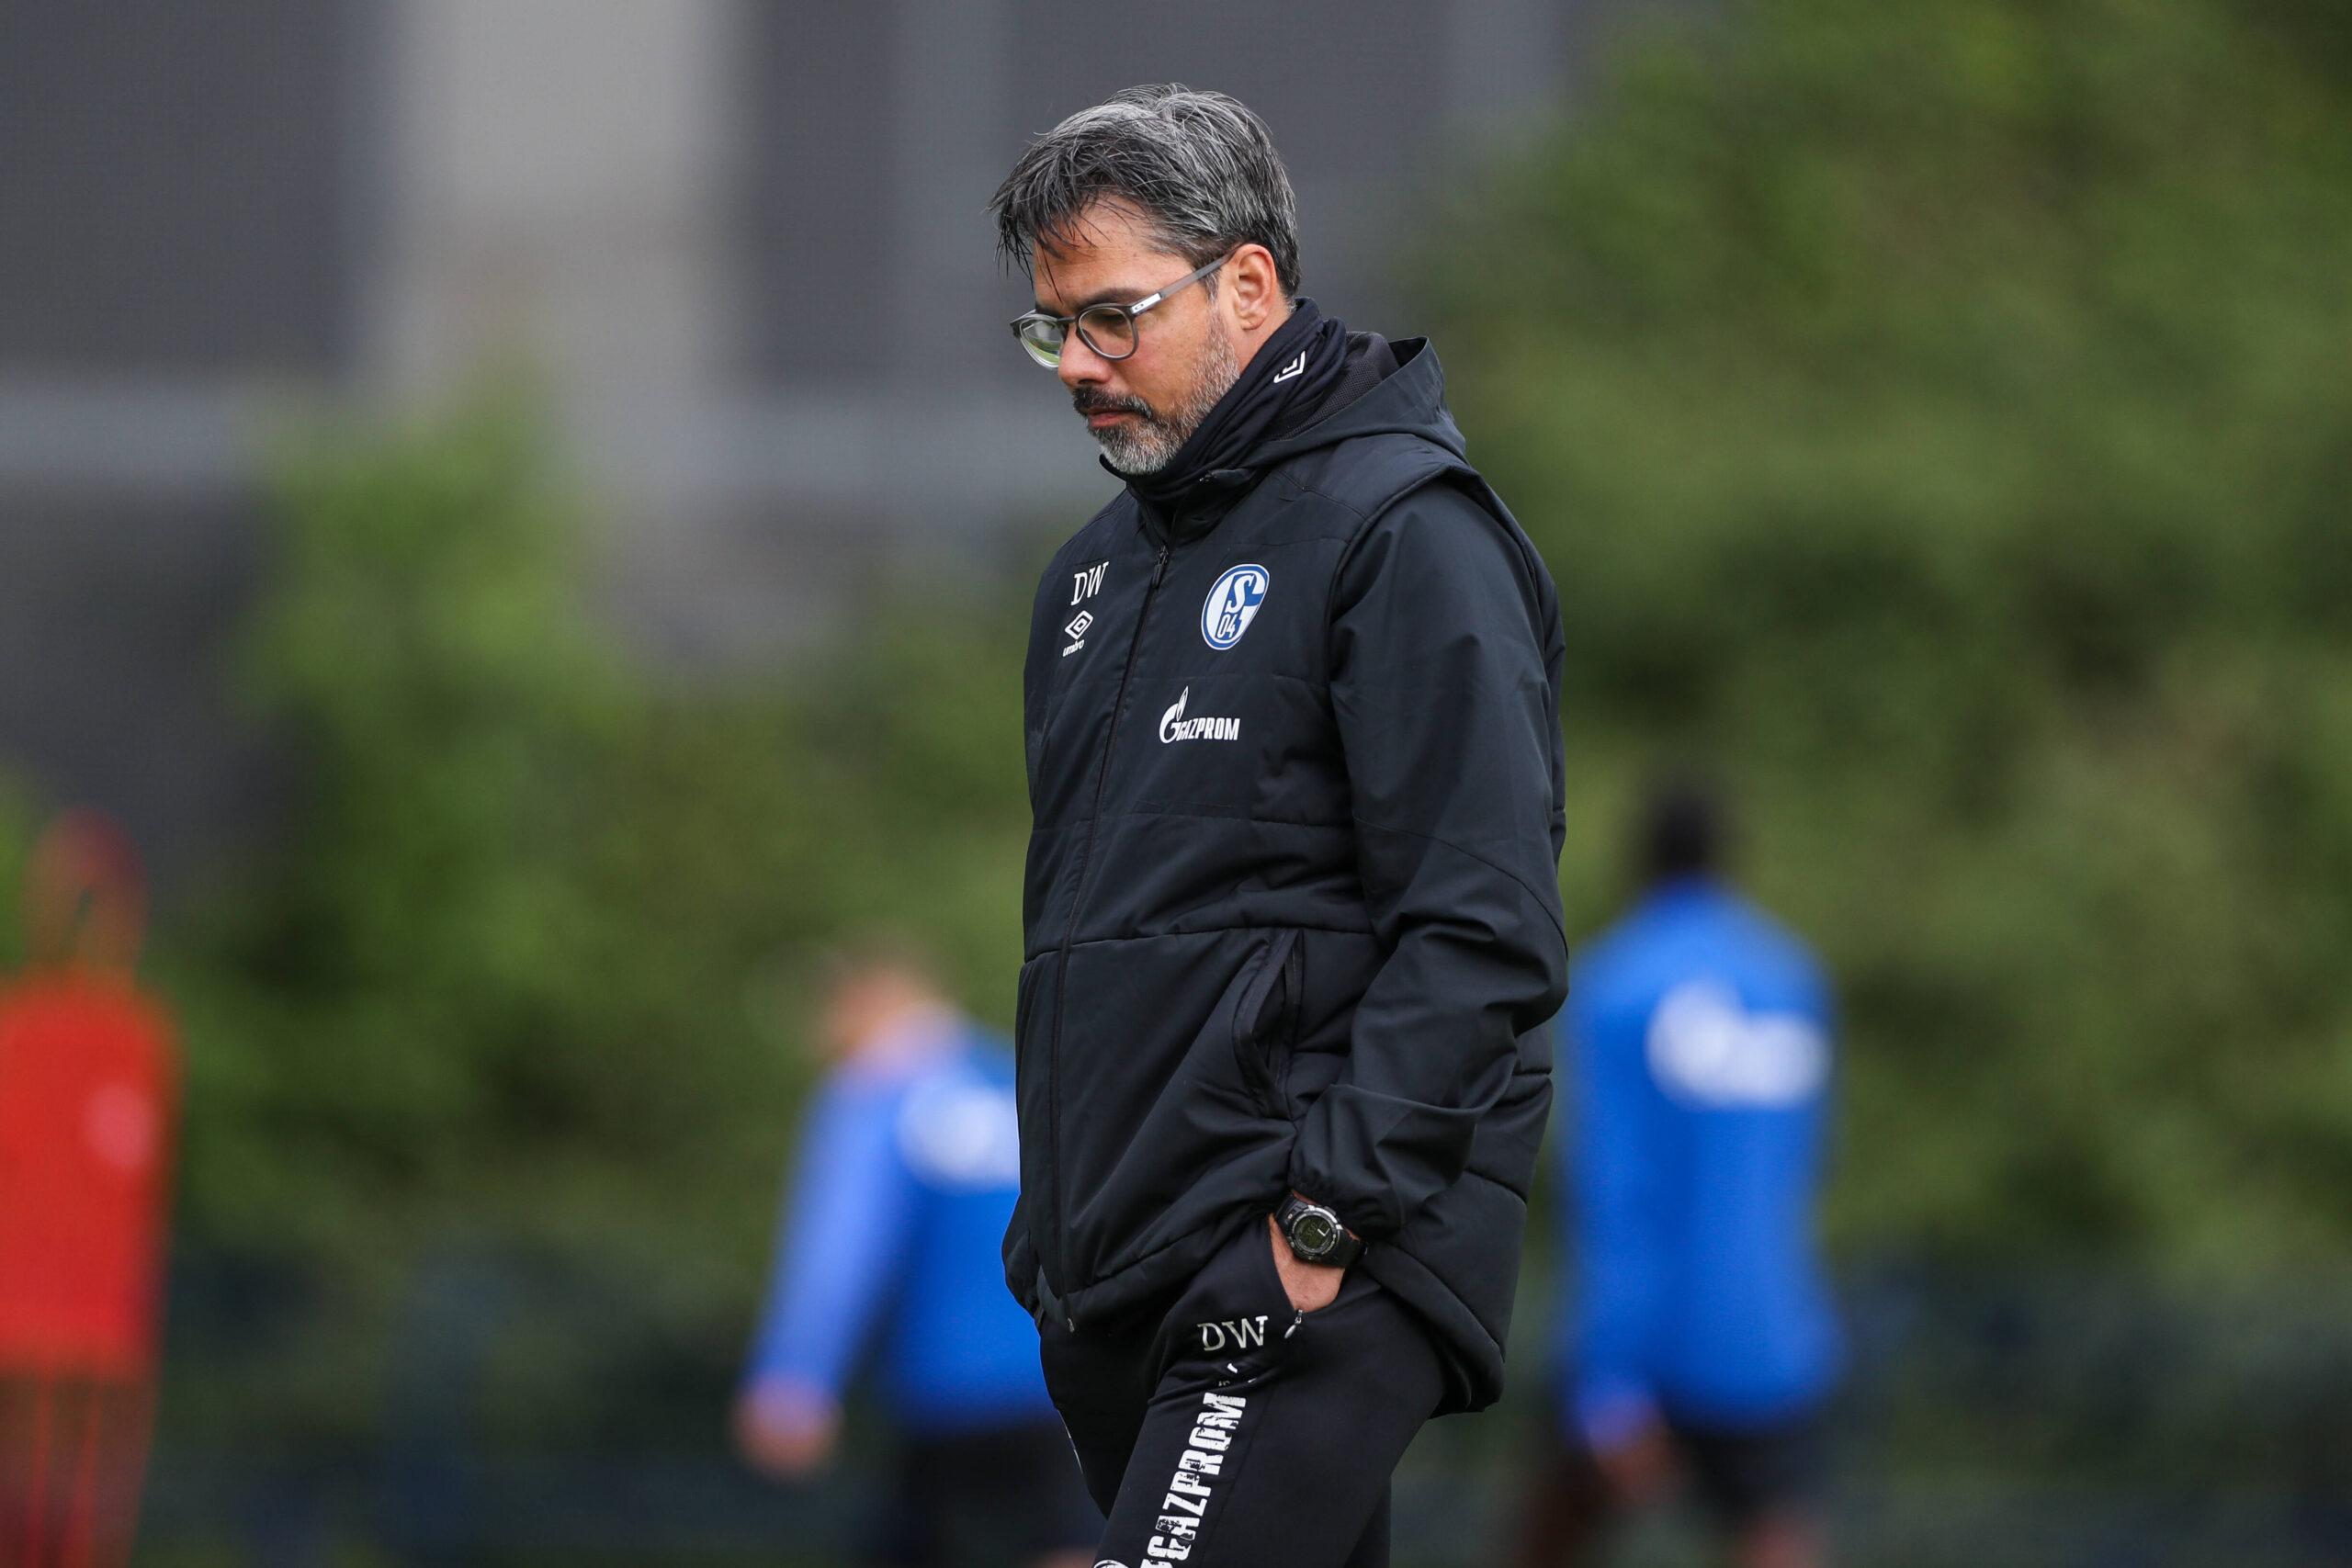 David Wagner spielt mit Schalke eine eher schlechte Rückrunde. Foto: Imago